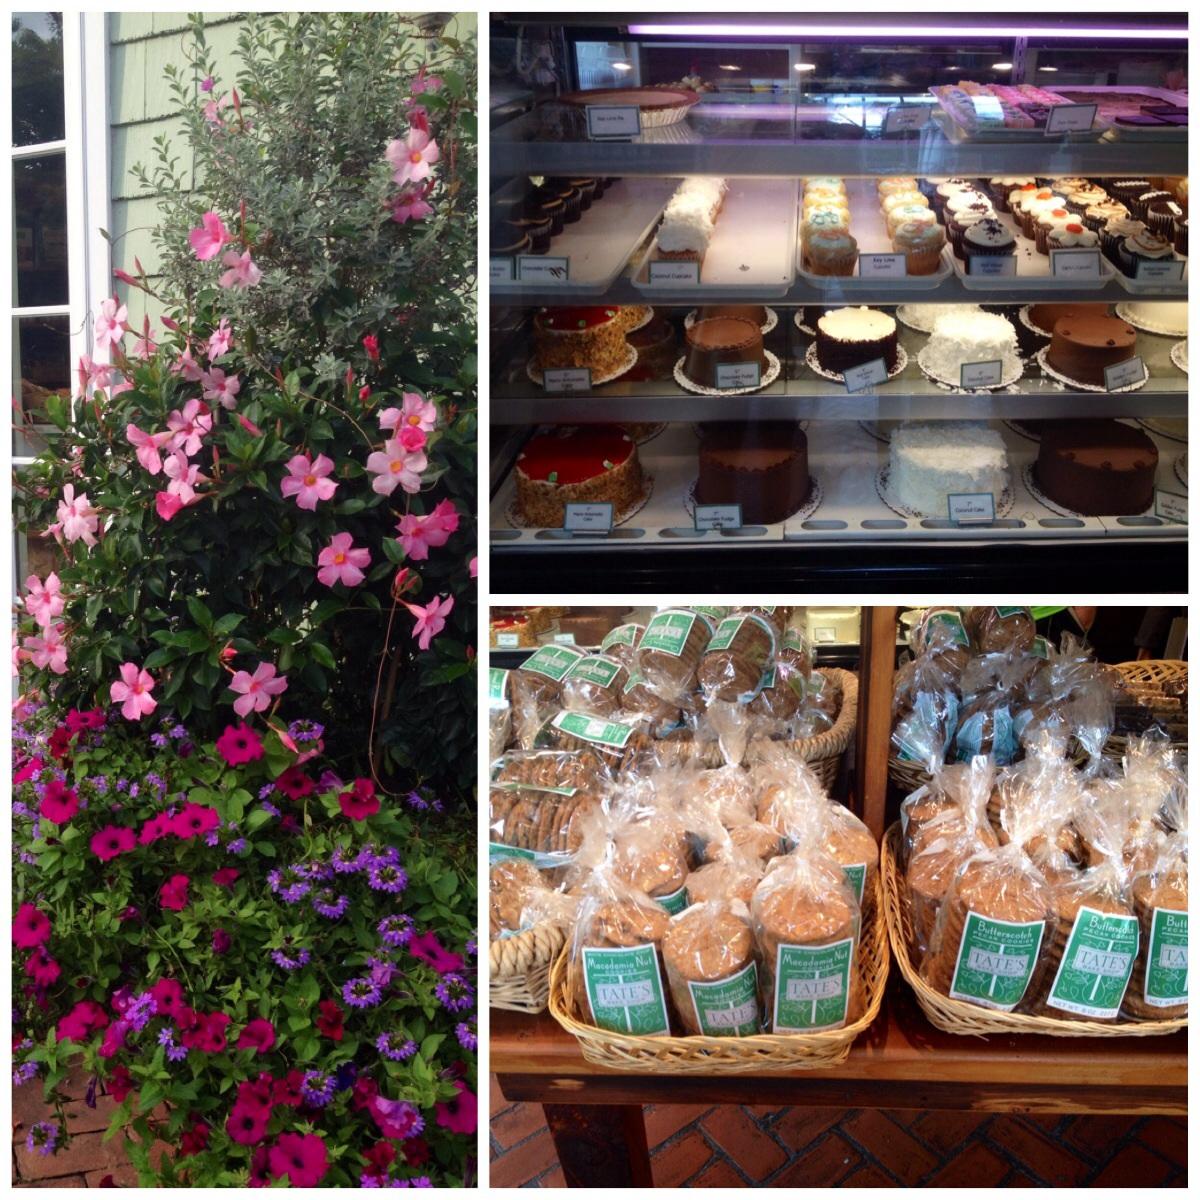 Tate's Bake Shop - Southampton